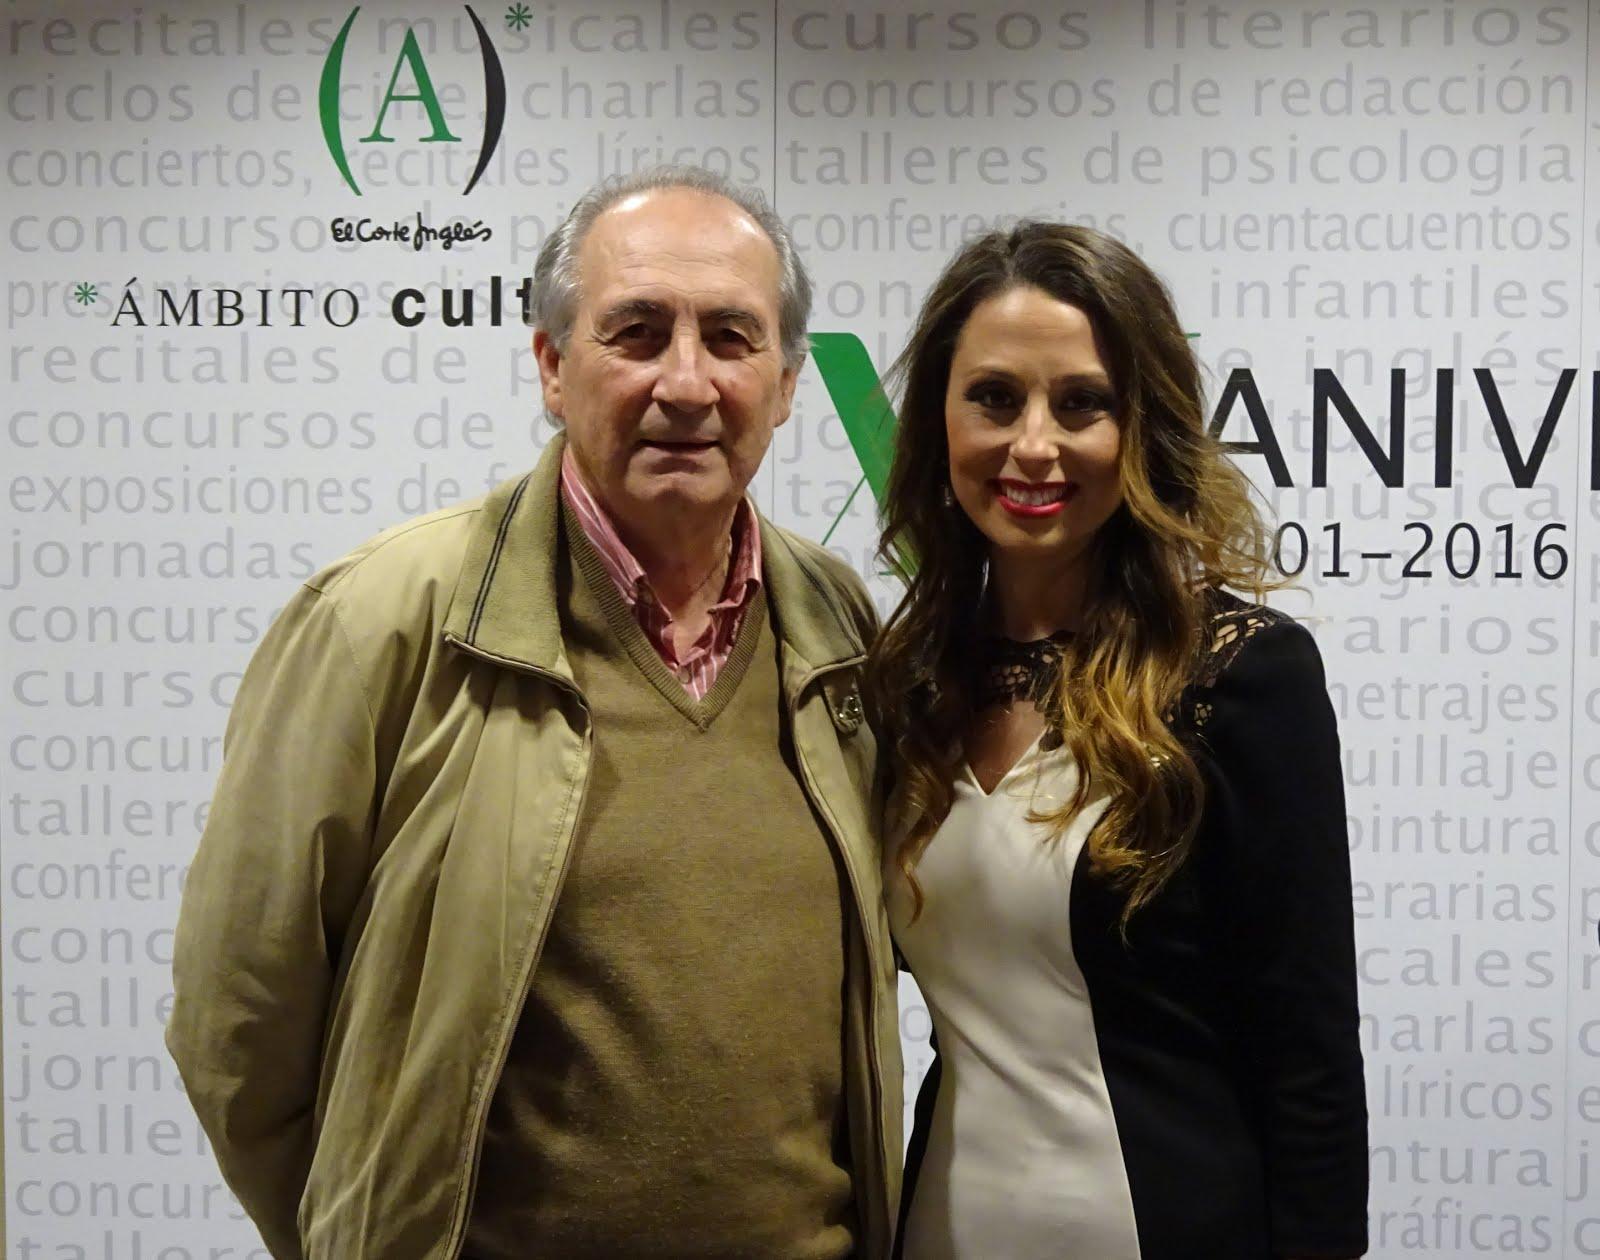 XV Aniversario El Corte Inglés Alicante